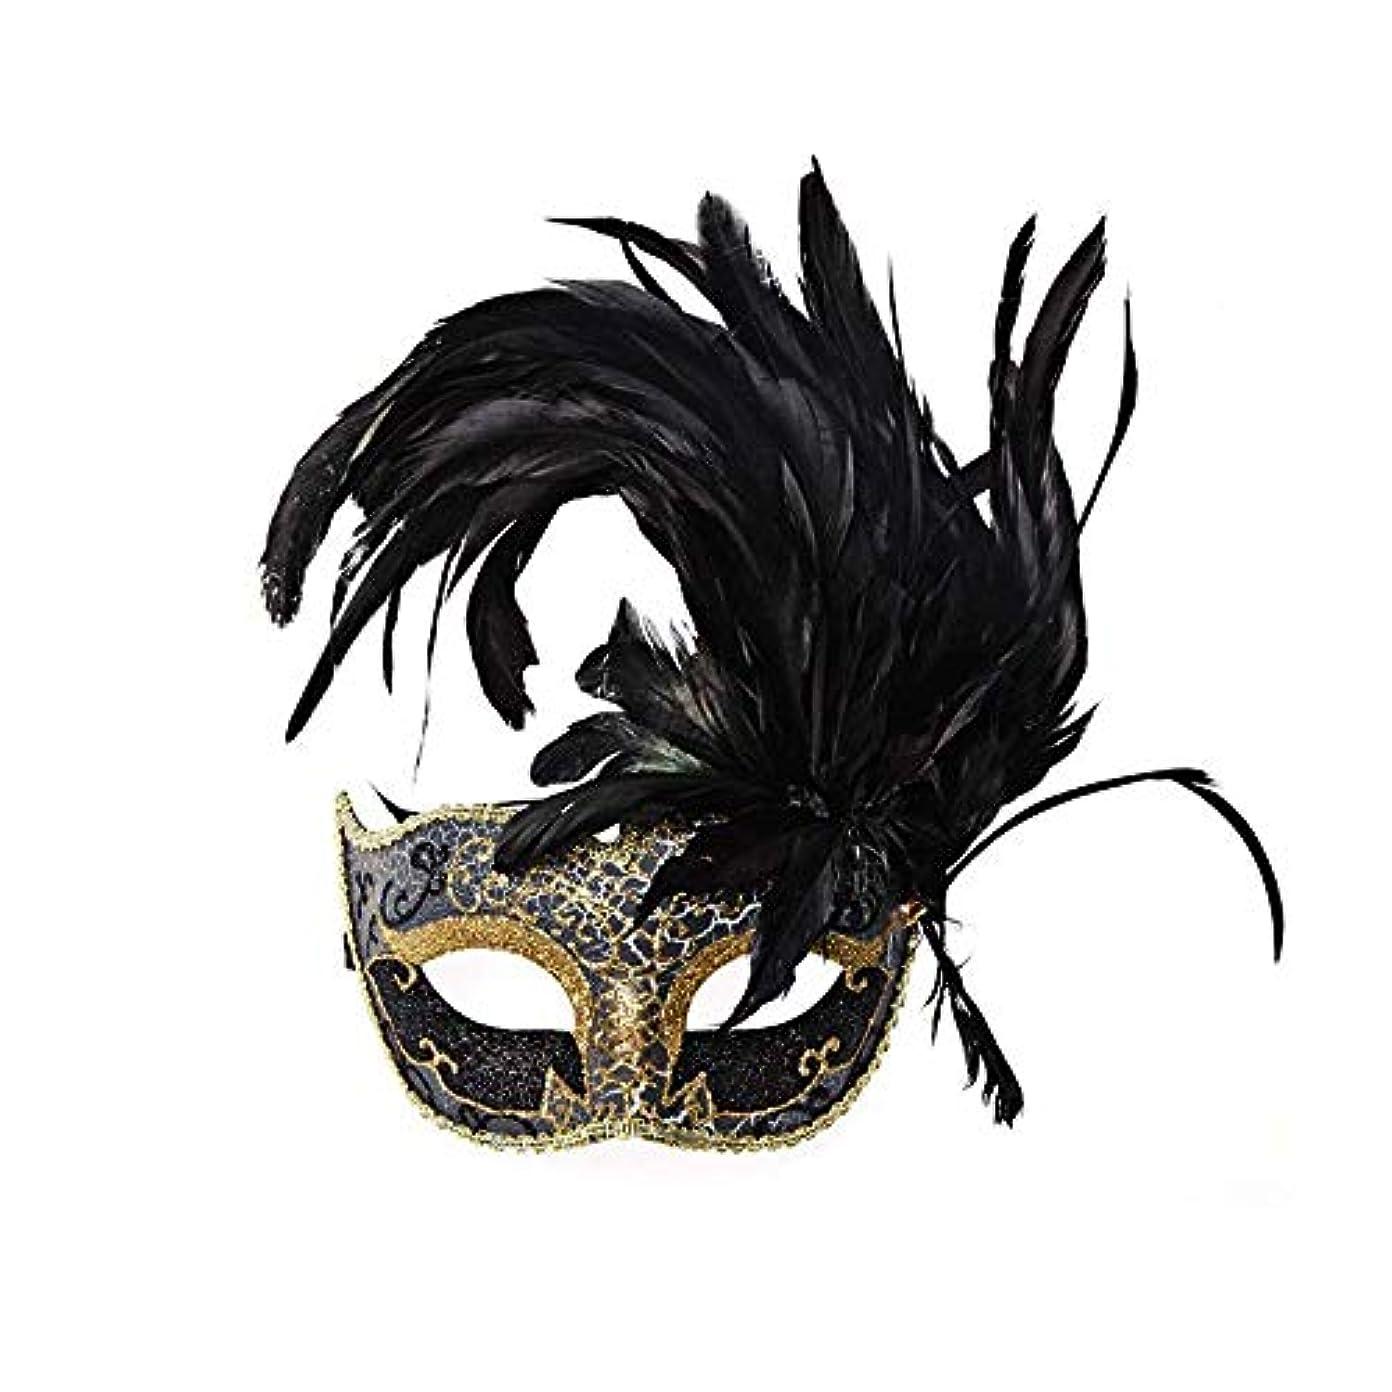 ラケットコミュニティ代表団Nanle ハロウィンマスクハーフフェザーマスクベニスプリンセスマスク美容レース仮面ライダーコスプレ (色 : Style A black)